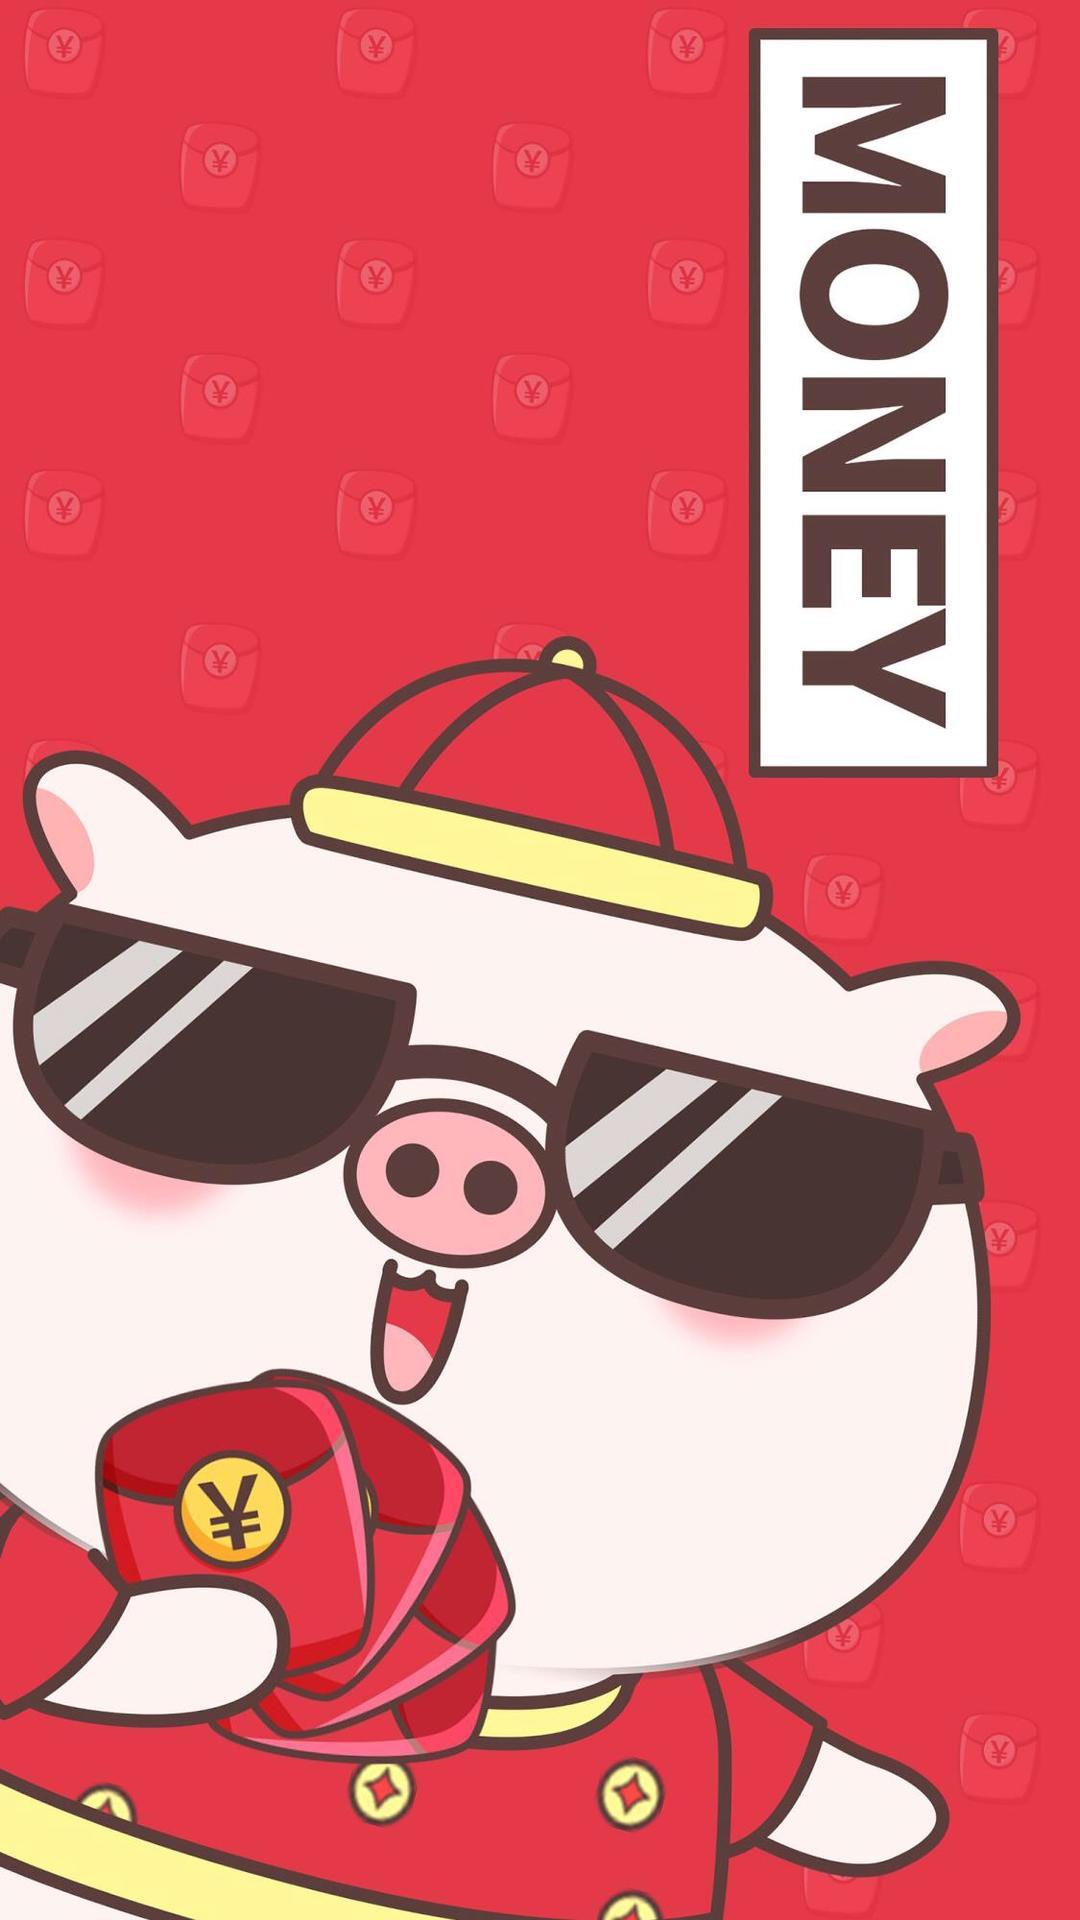 2019,新年卡通可爱猪年手机壁纸,祝大家猪事顺利